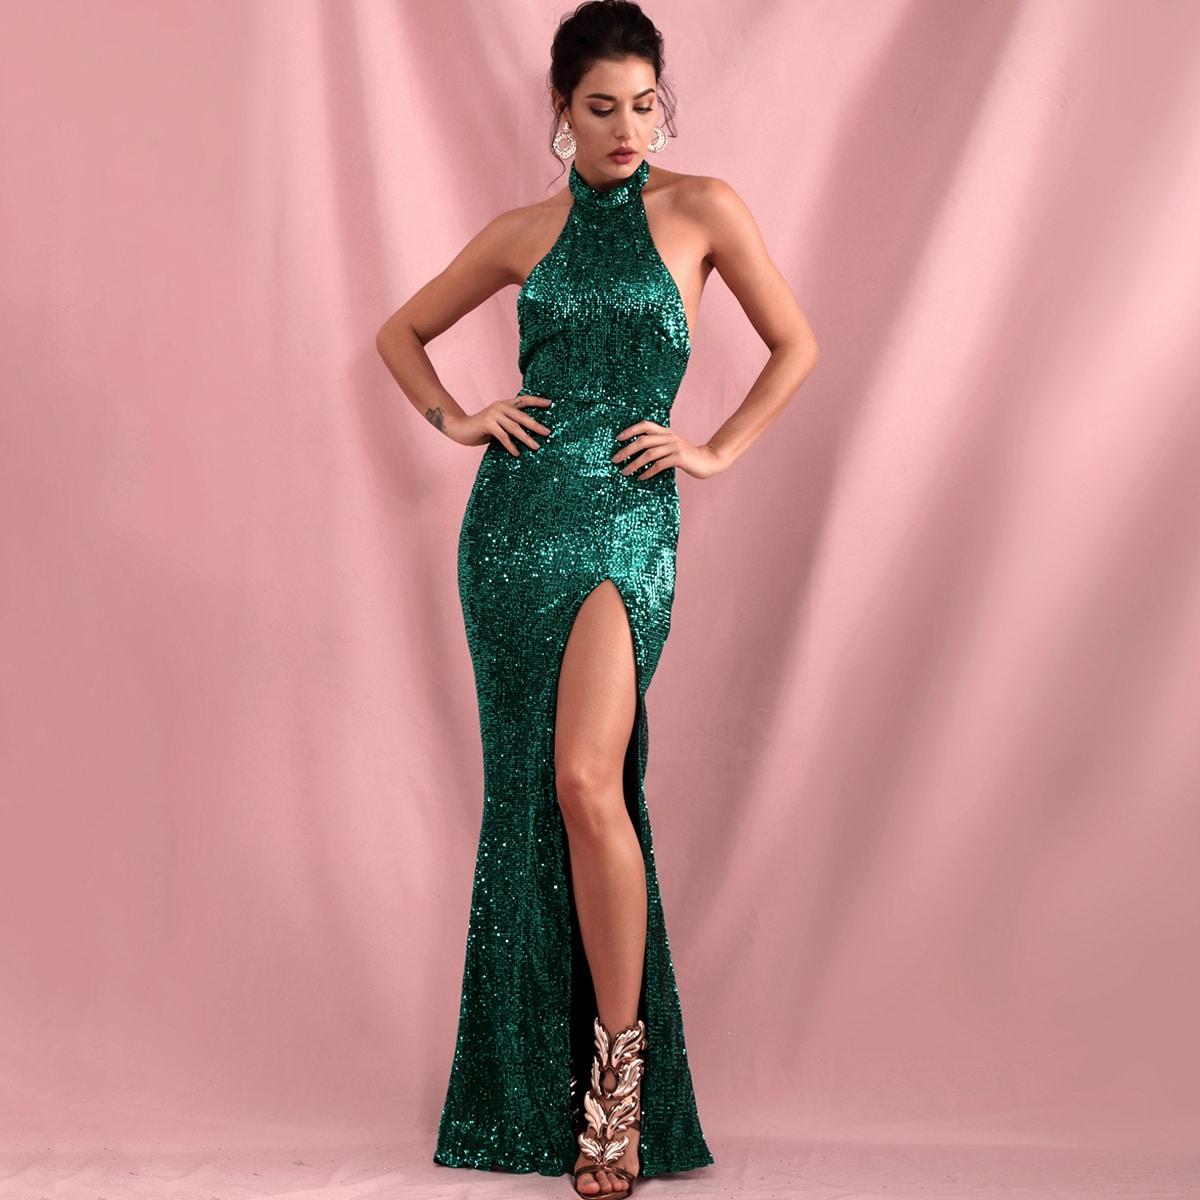 блестящее платье-халтер с разрезом и открытой спиной